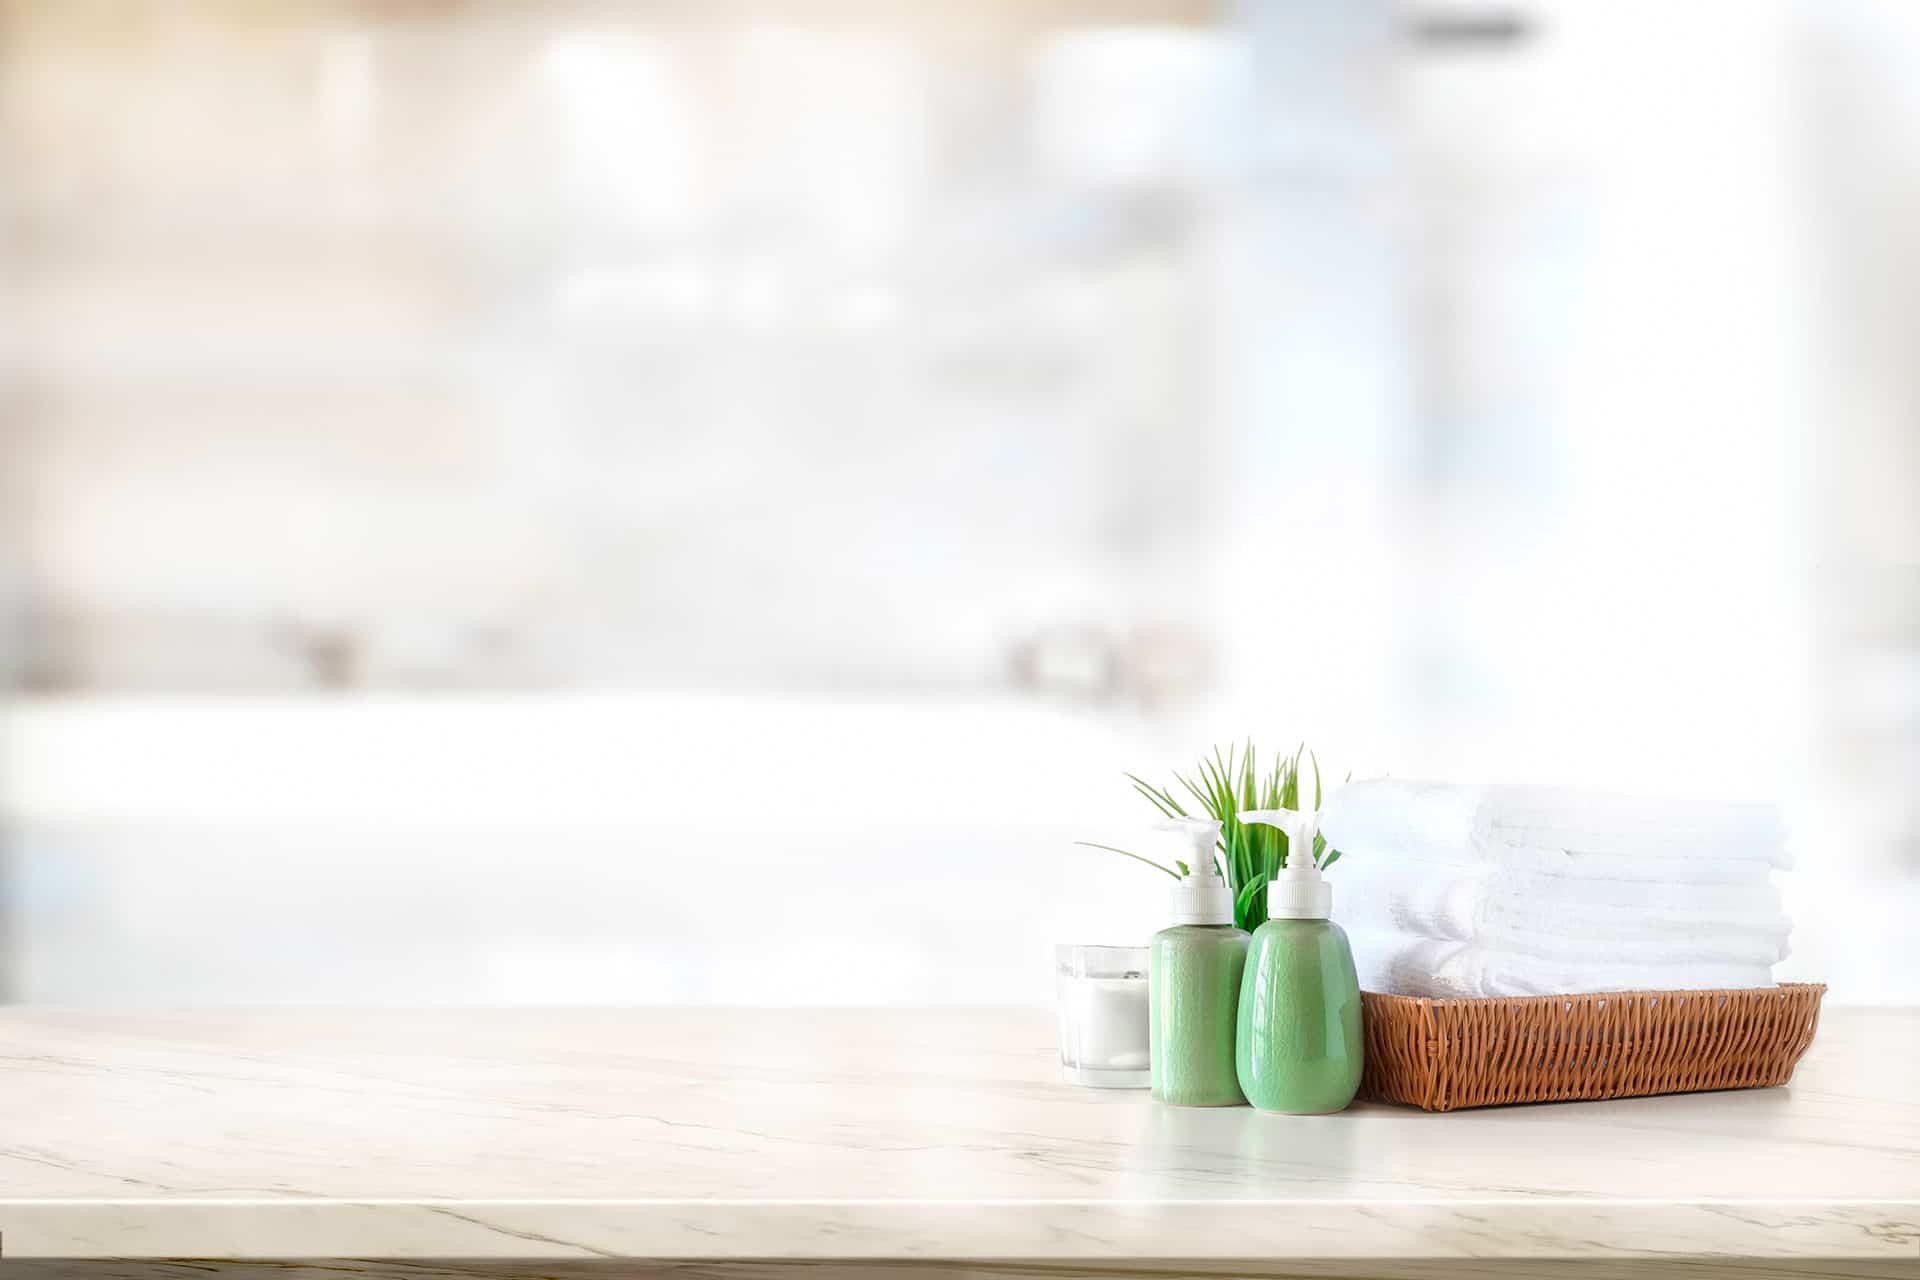 Photographie des ateliers permettant de découvrir et d'identifier les produits nocifs de notre salle de bain et dans le cosmétique